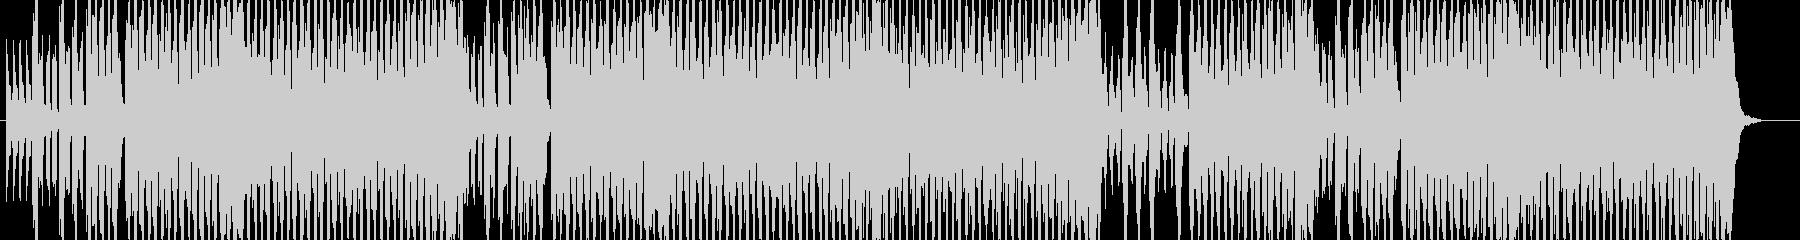 EDM版 アルプス一万尺の未再生の波形